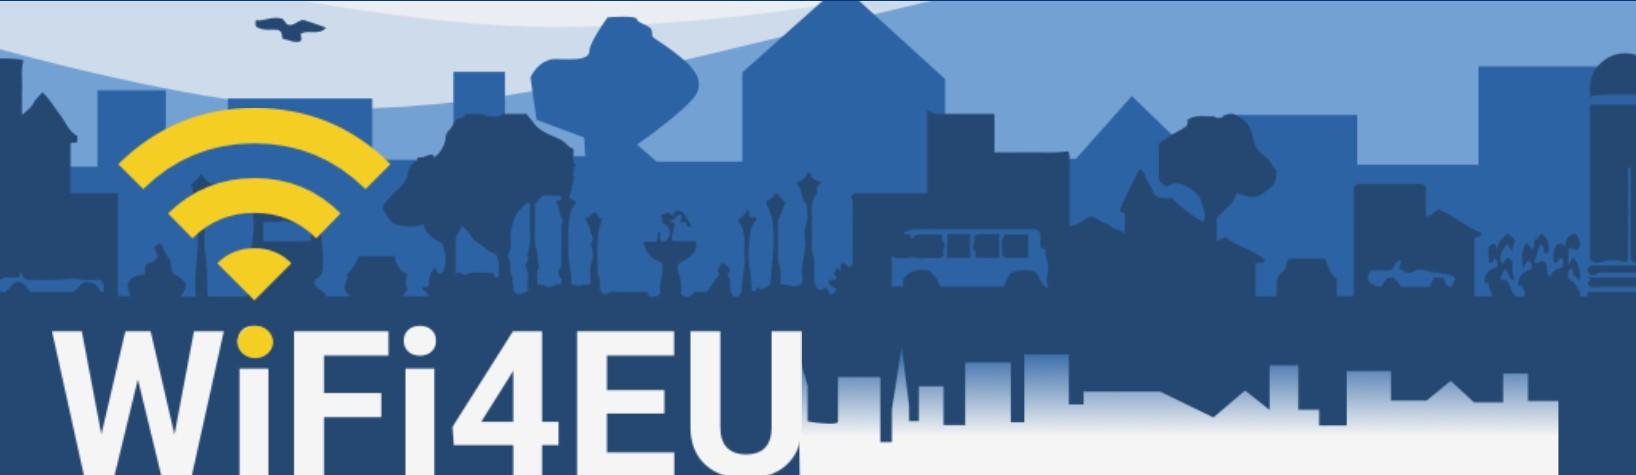 EL AYUNTAMIENTO DE VALORIA LA BUENA CONSIGUE UNA SUBVENCION DE 15.000 € DE LA UNIÓN EUROPEA PARA INSTALAR WIFI GRATIS EN NUESTRO PUEBLO